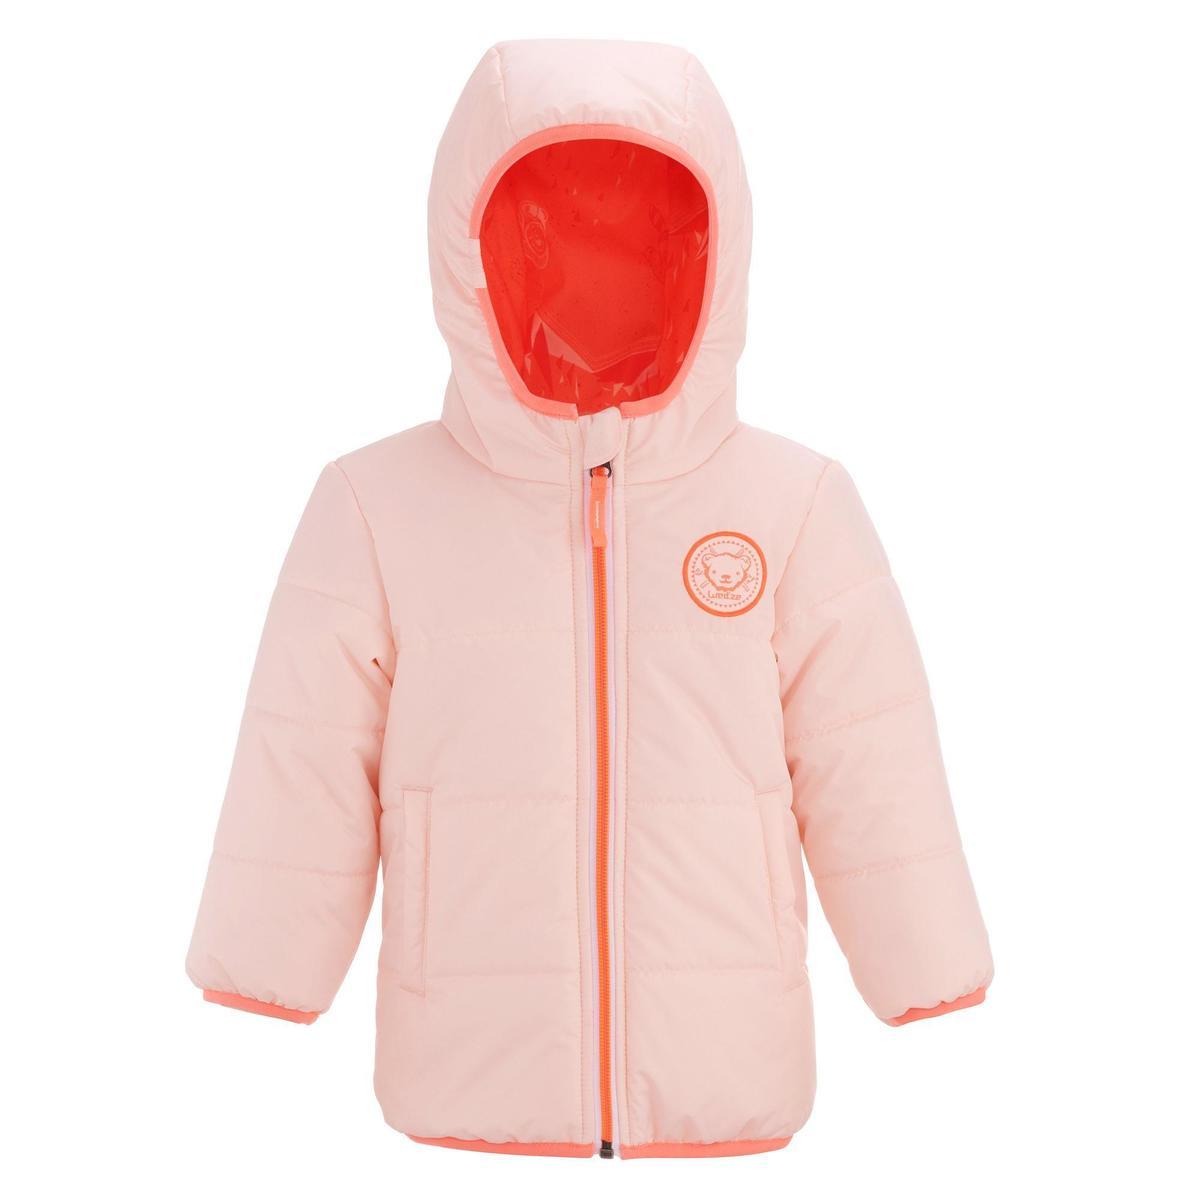 Bild 4 von Jacke wendbar warm Baby rosa